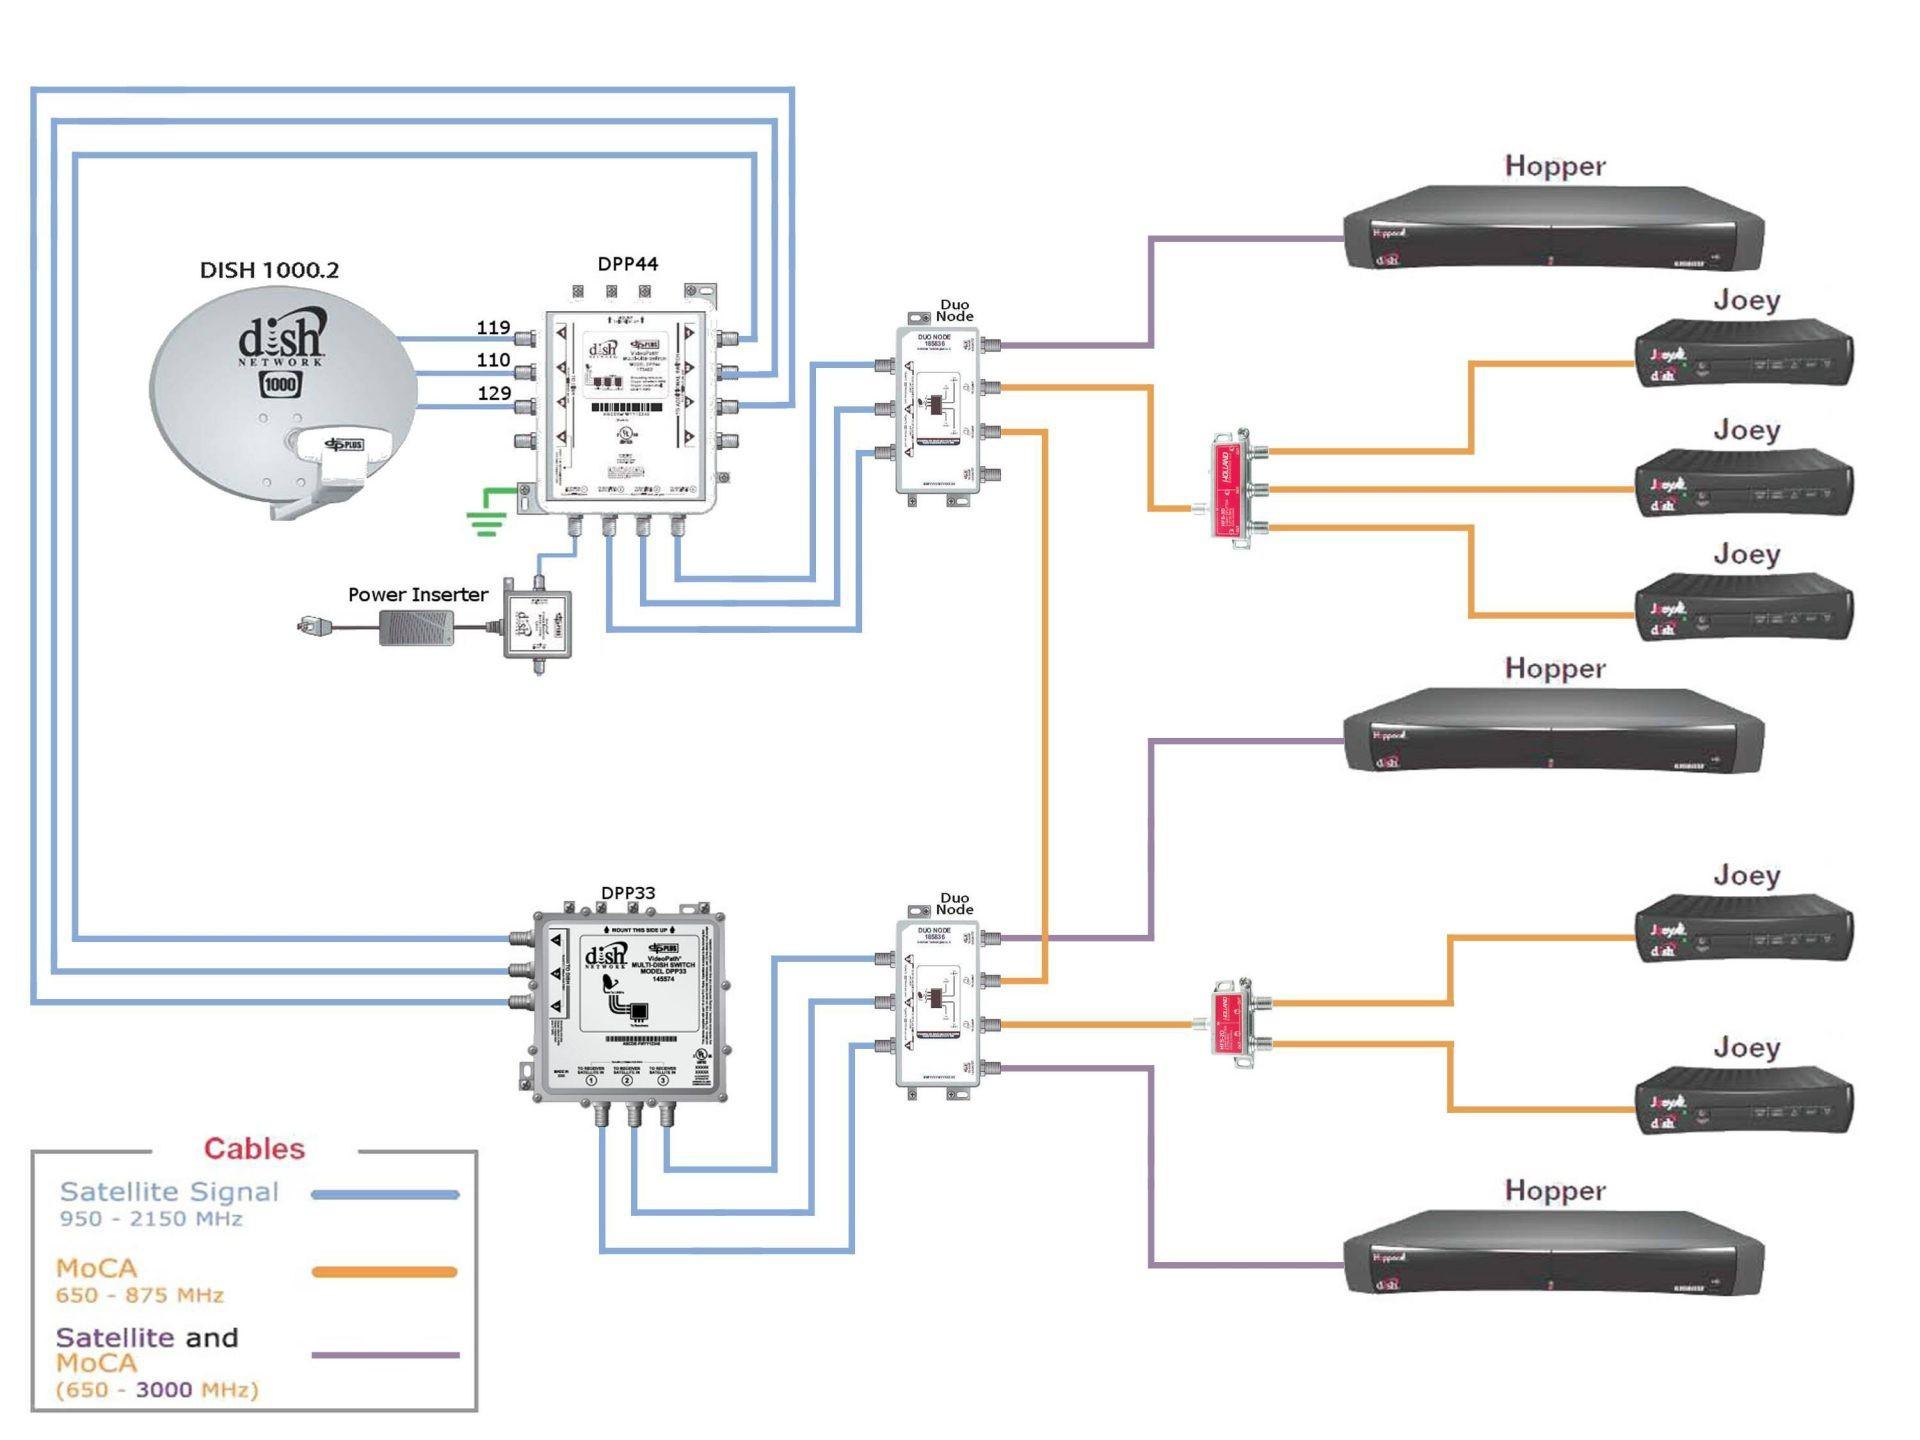 Direct Tv Satellite Dish Wiring Diagram Elegant Rv Cable and Satellite Wiring Diagram Diagram Of Direct Tv Satellite Dish Wiring Diagram